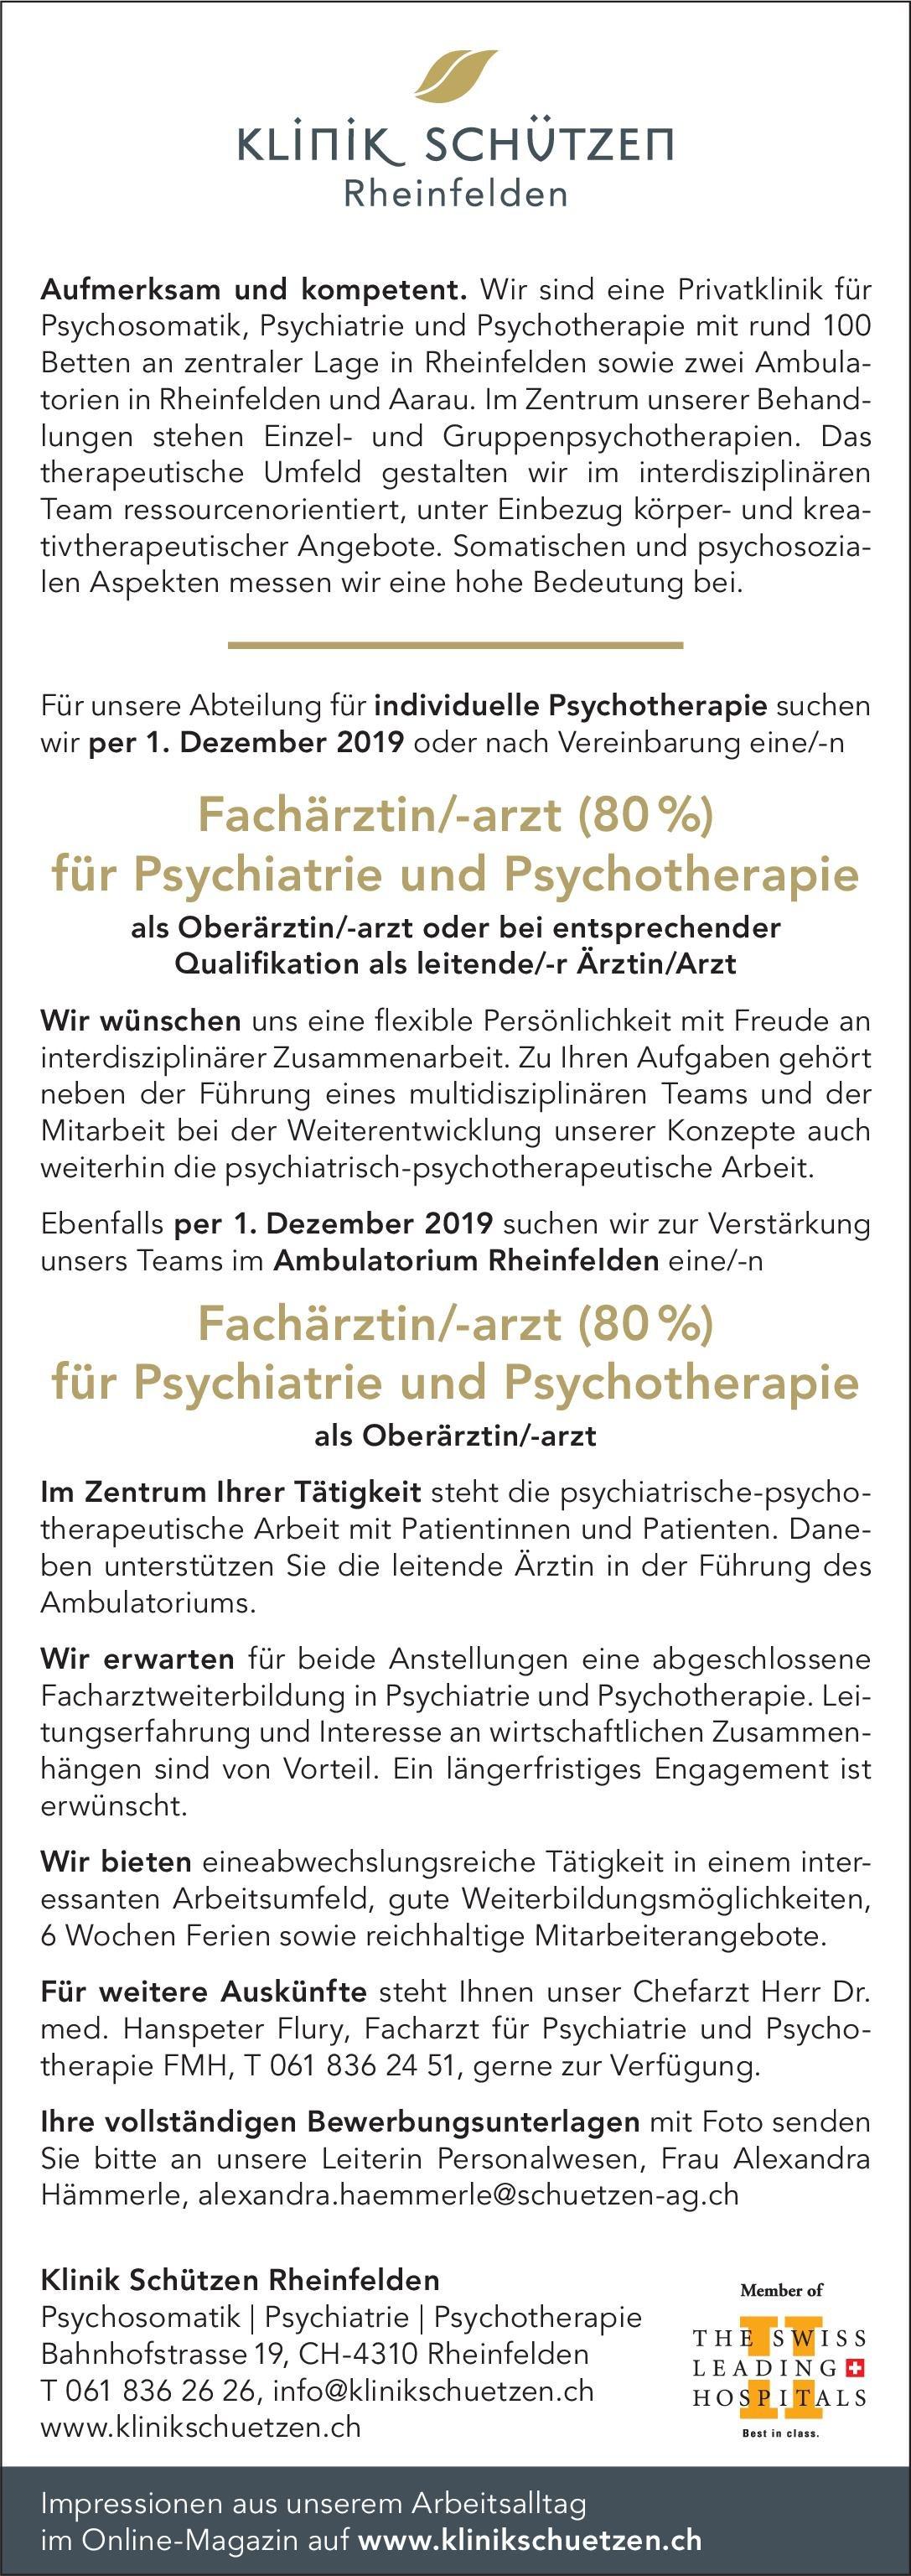 Klinik Schützen Rheinfelden Fachärztin/-arzt (80%) für Psychiatrie und Psychotherapie als Oberärztin/-arzt  Psychiatrie und Psychotherapie, Psychiatrie und Psychotherapie Arzt / Facharzt